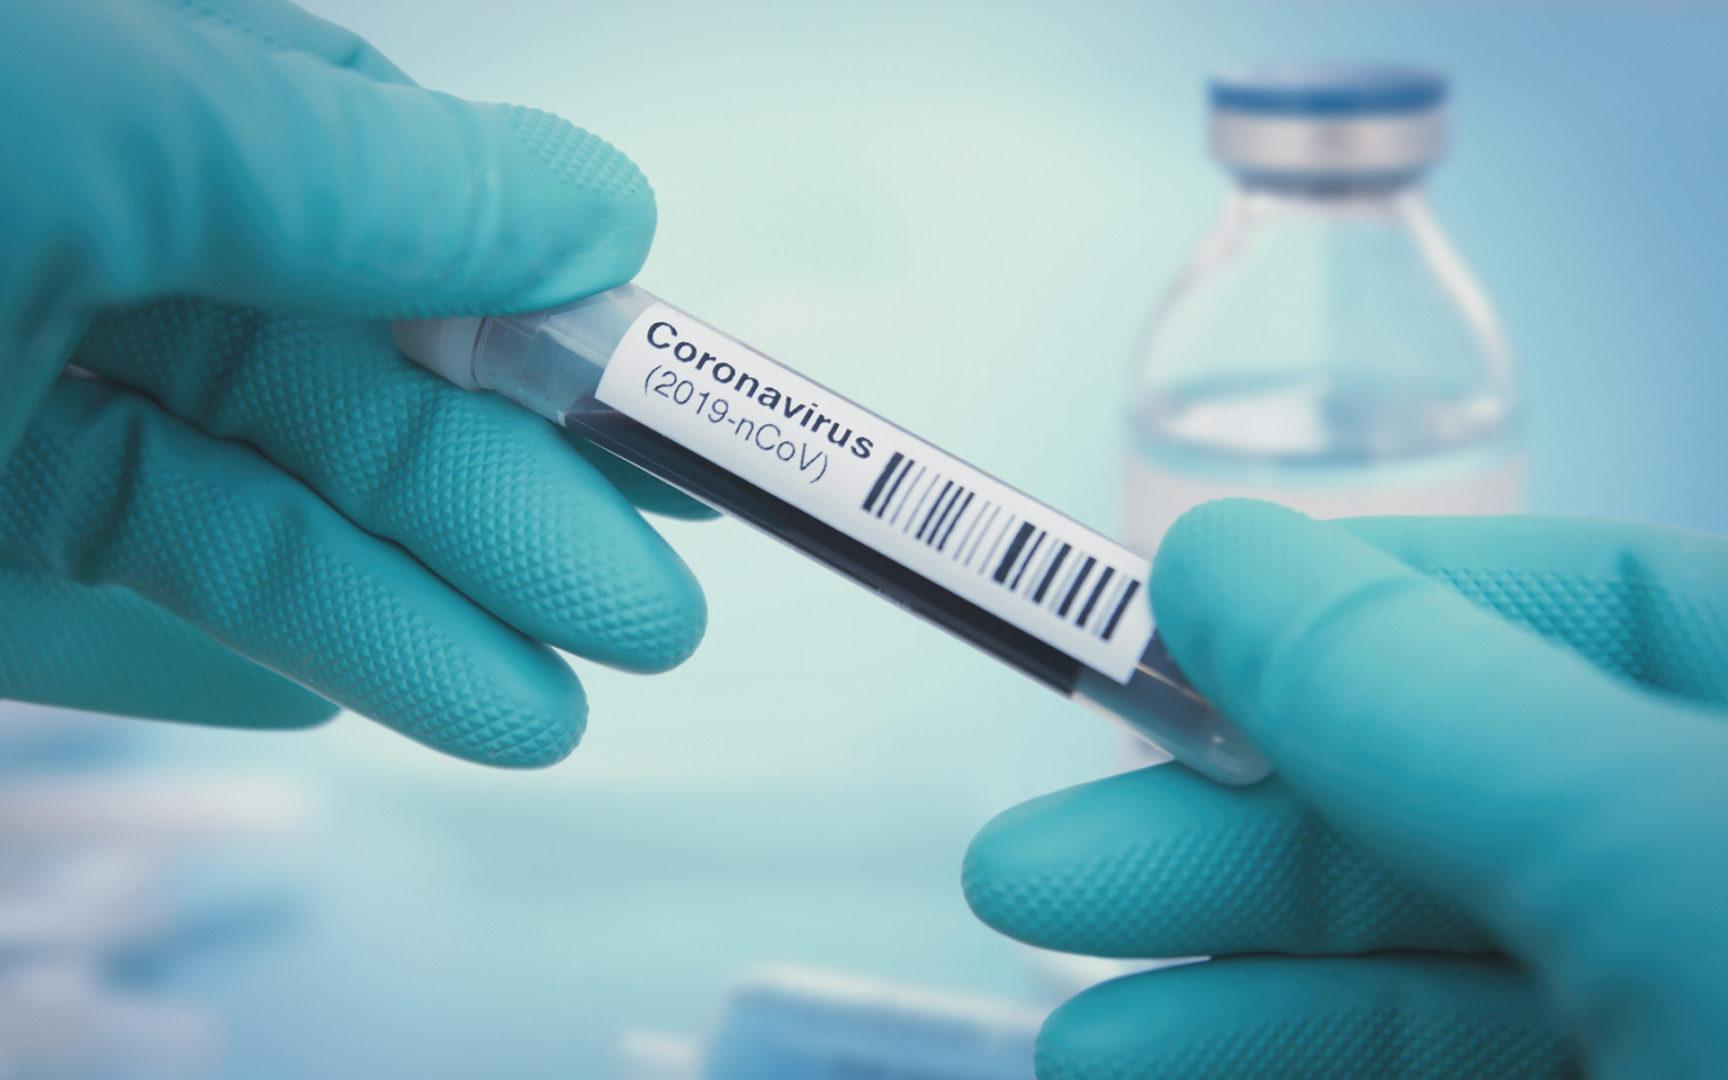 Koronavirukselle altistuneiden oireetmuistuttavat alkuvaiheessa minkä tahansa hengitysteiden virusinfektion oireita.